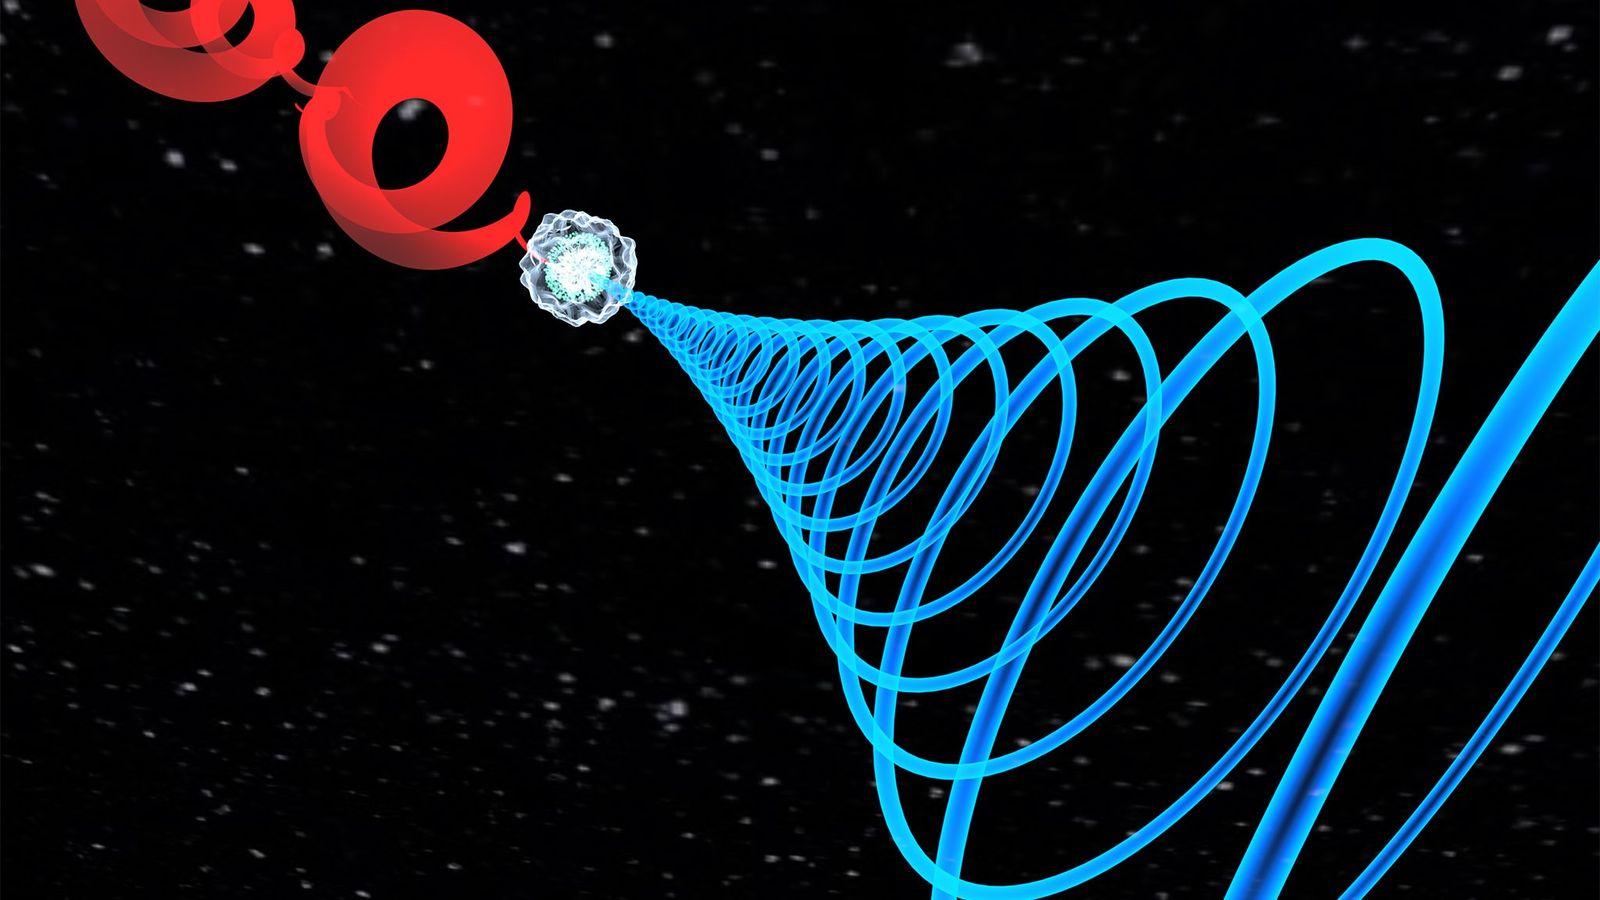 Usando dois pulsos de laser temporizados, lançados em gás argônio, os físicos ópticos descobriram uma nova ...